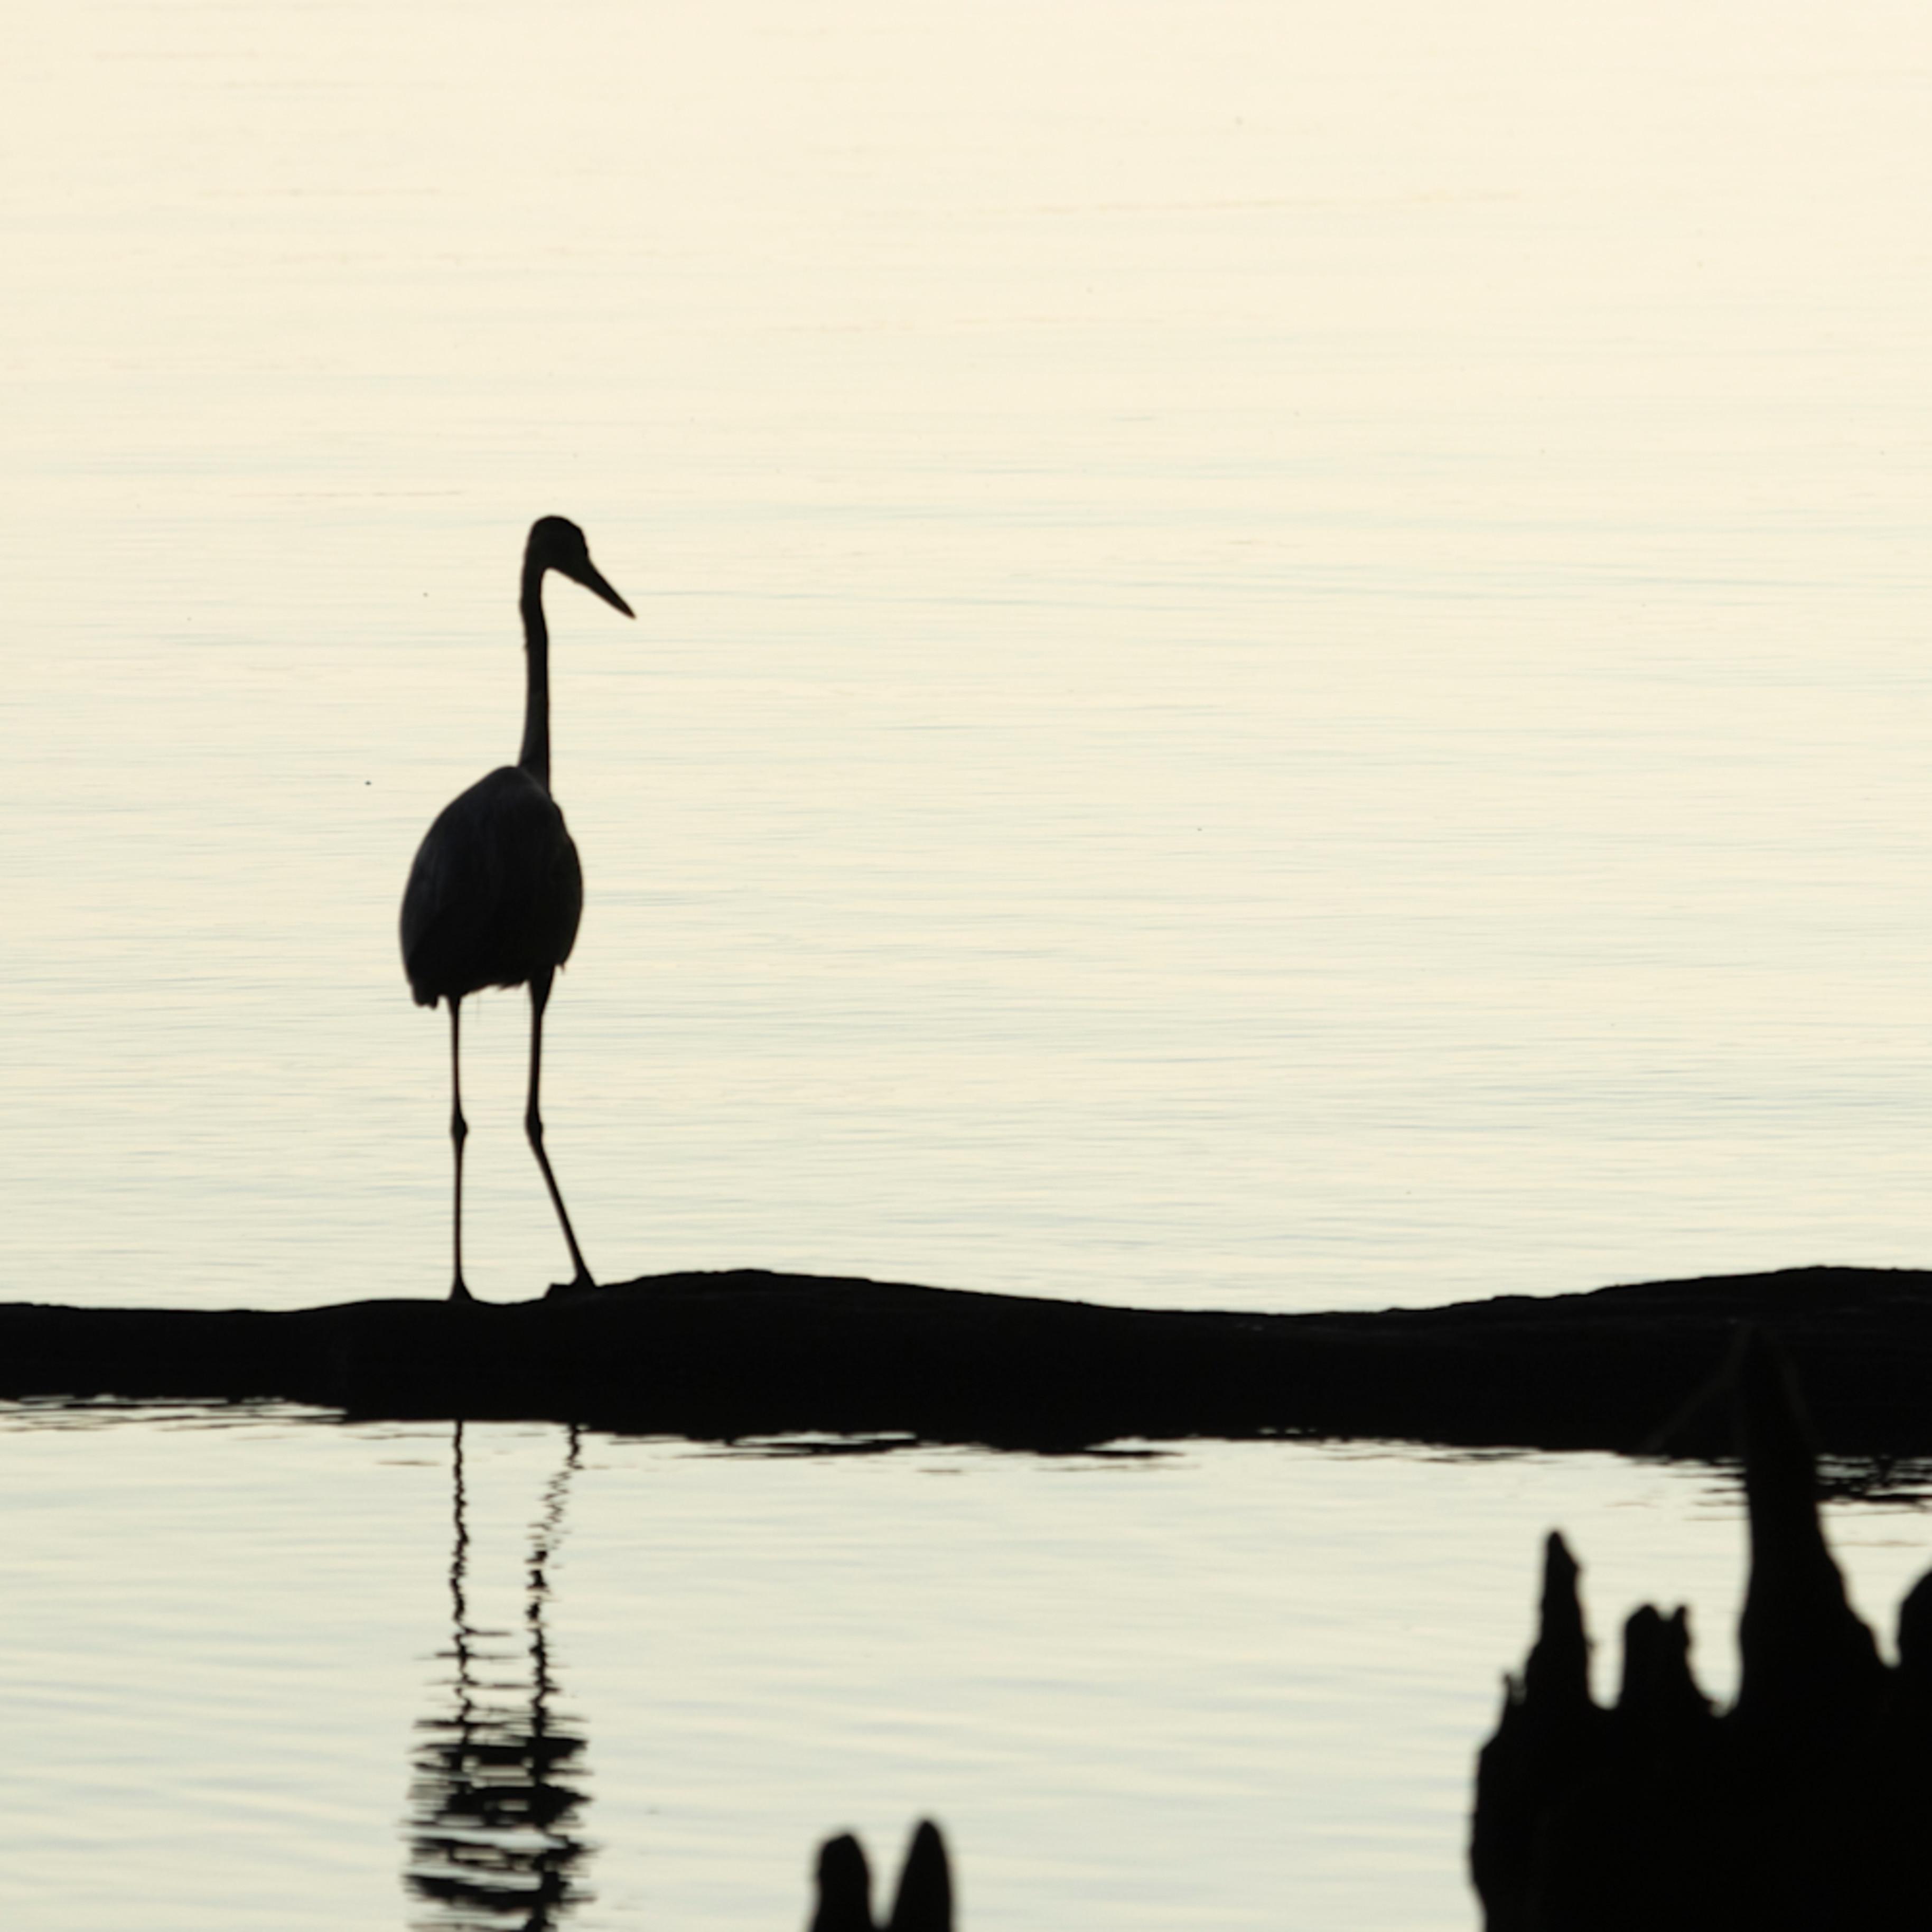 Heron silhouettes mg 7521 srm20 vf1jtv